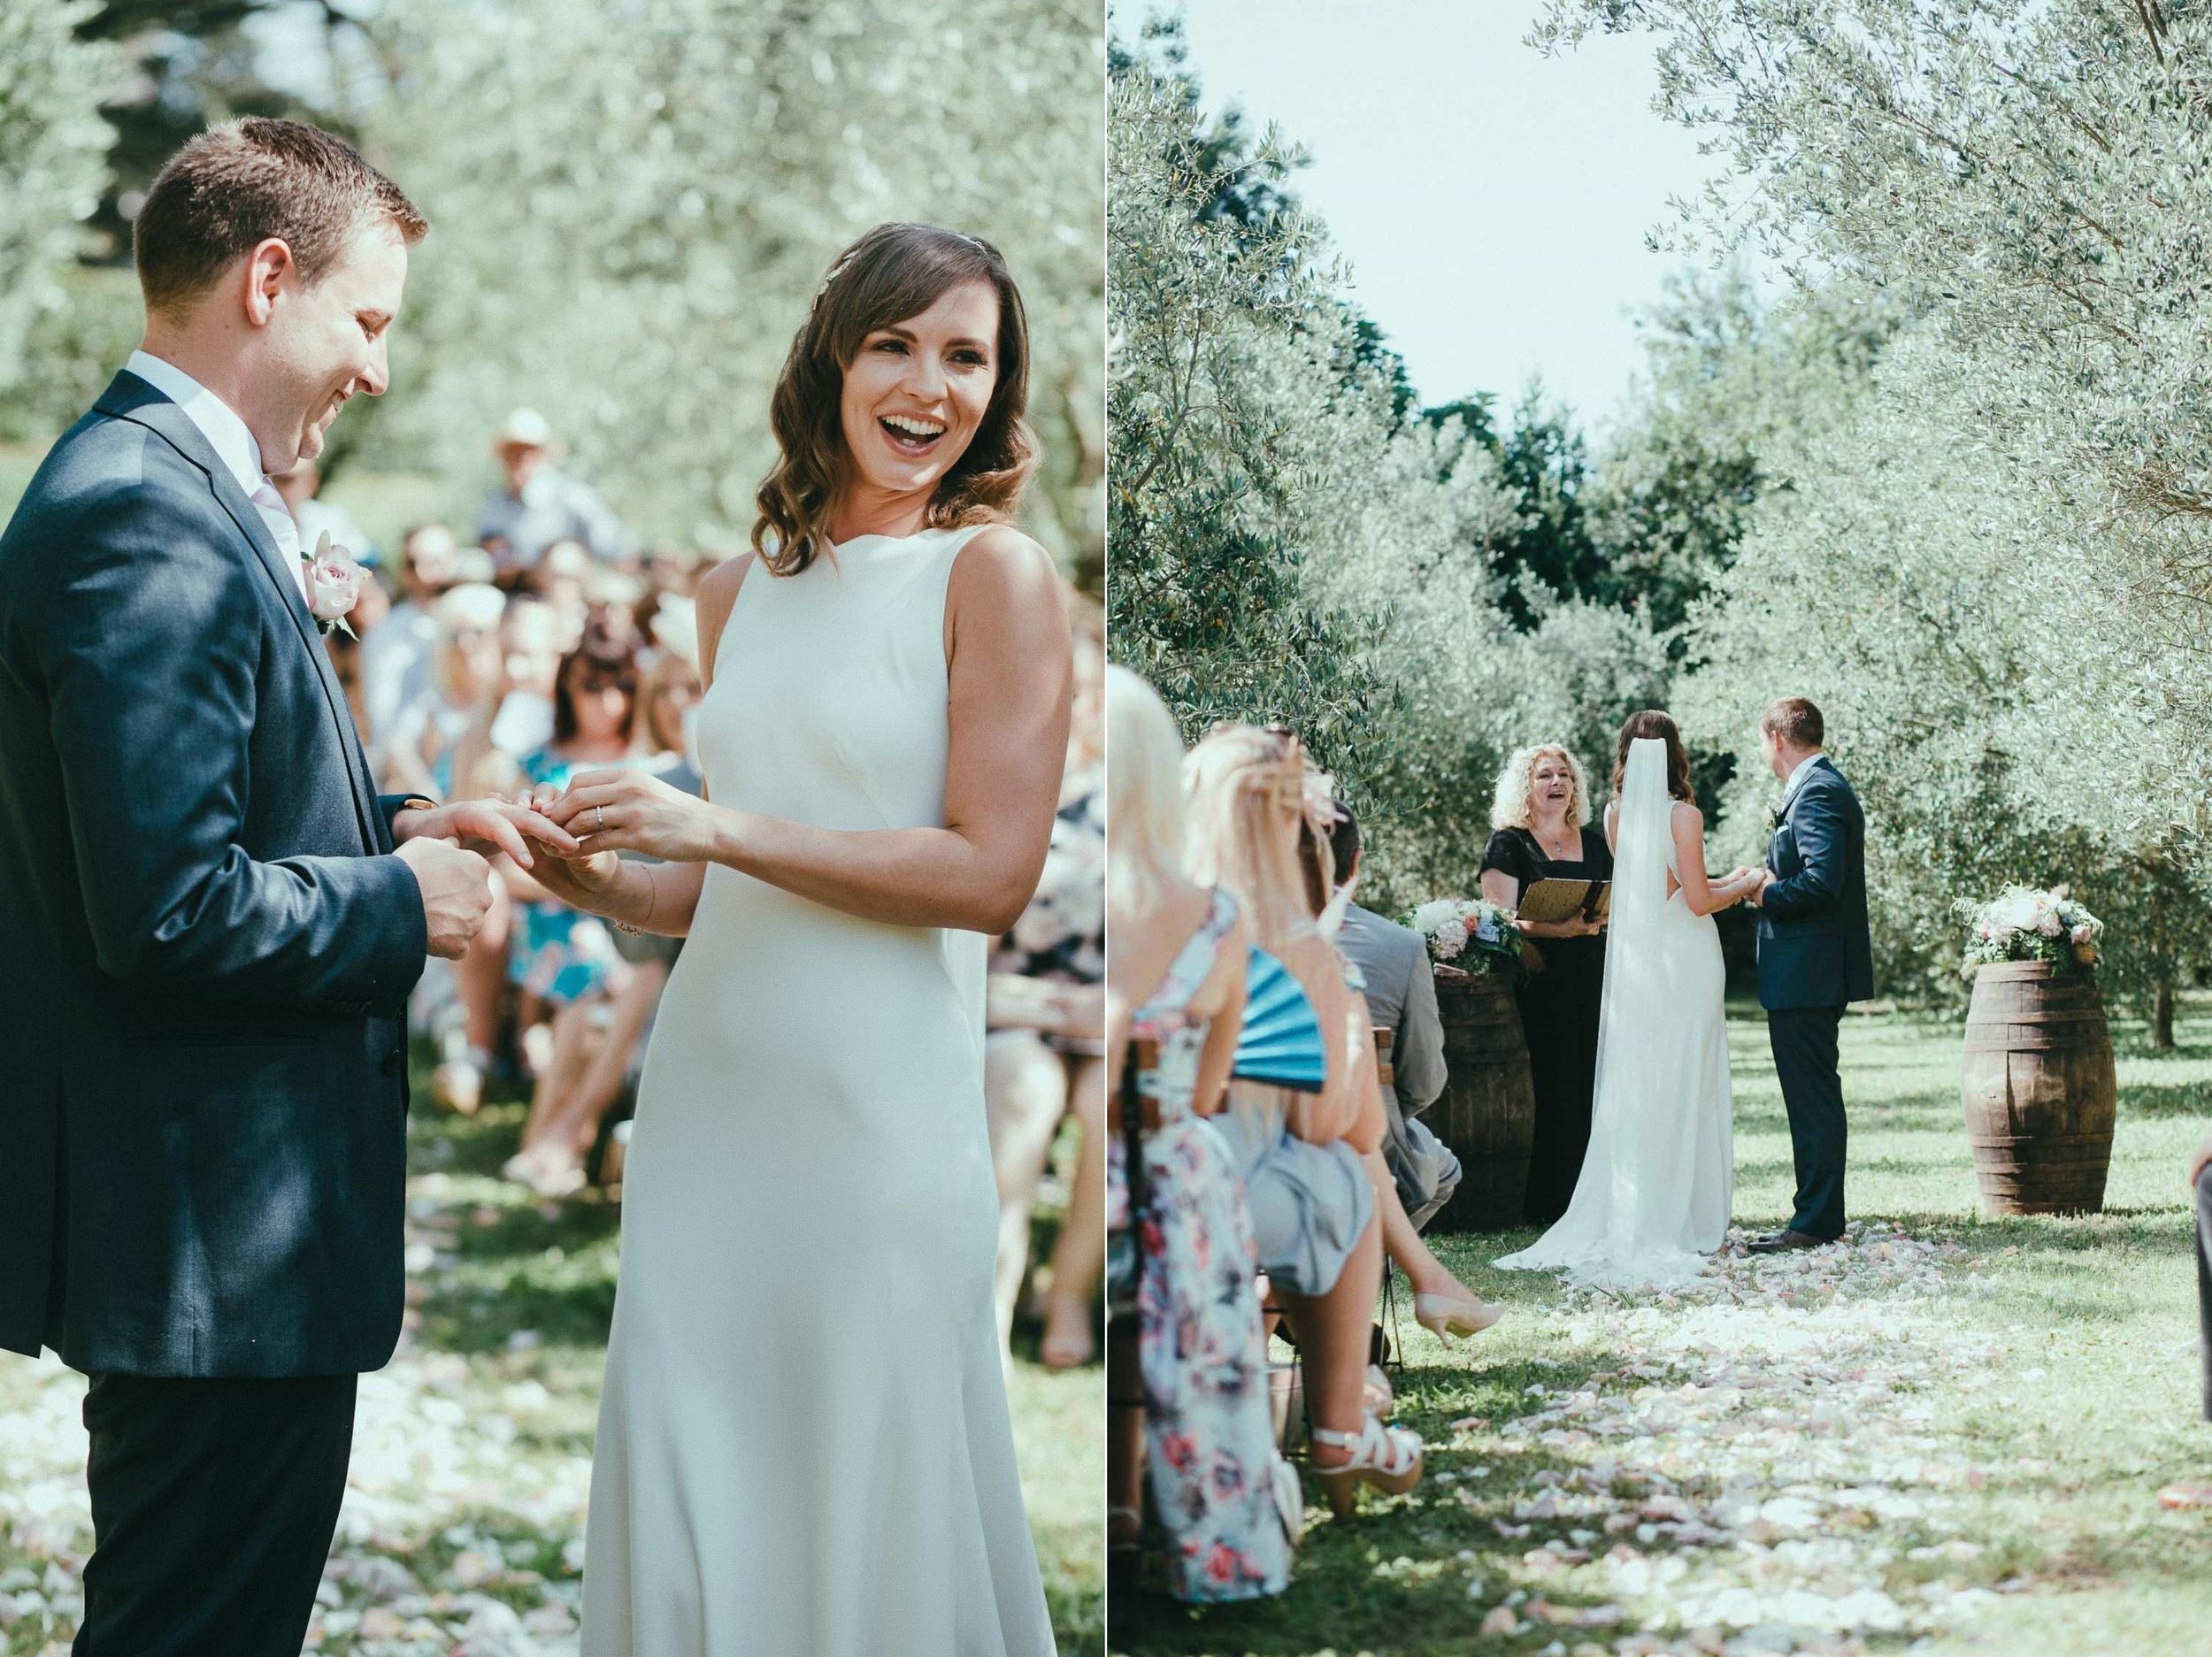 destination-wedding-in-tuscany (11).jpg